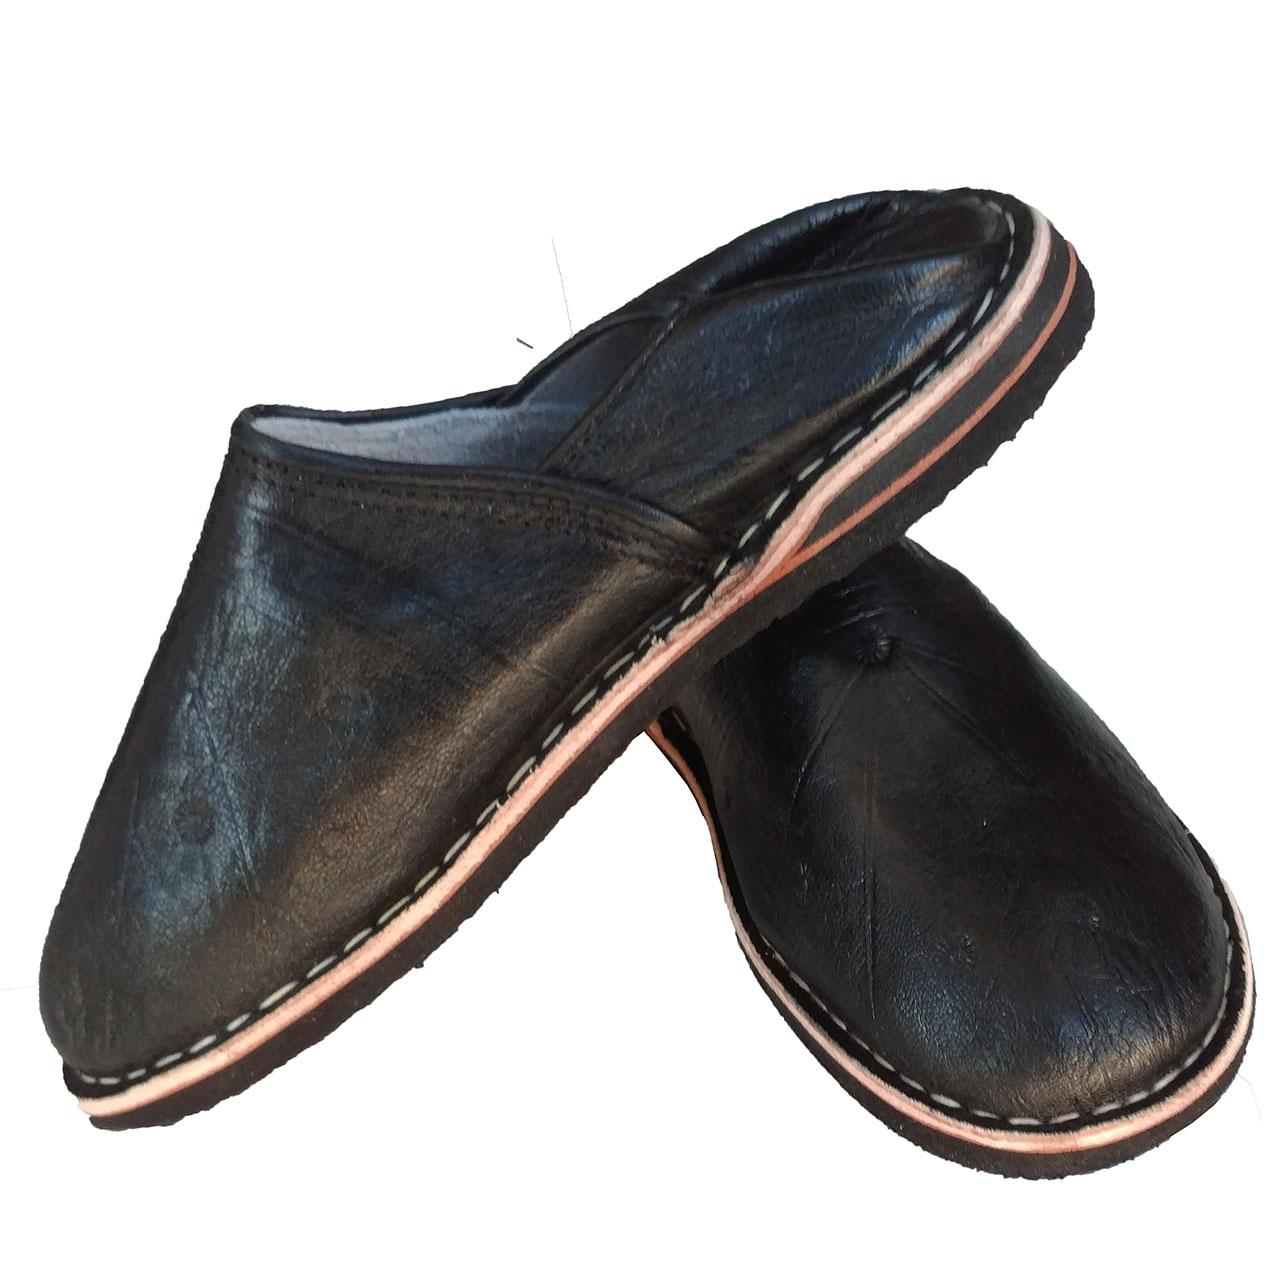 Orientalische Schuhe Sindbad Schwarz